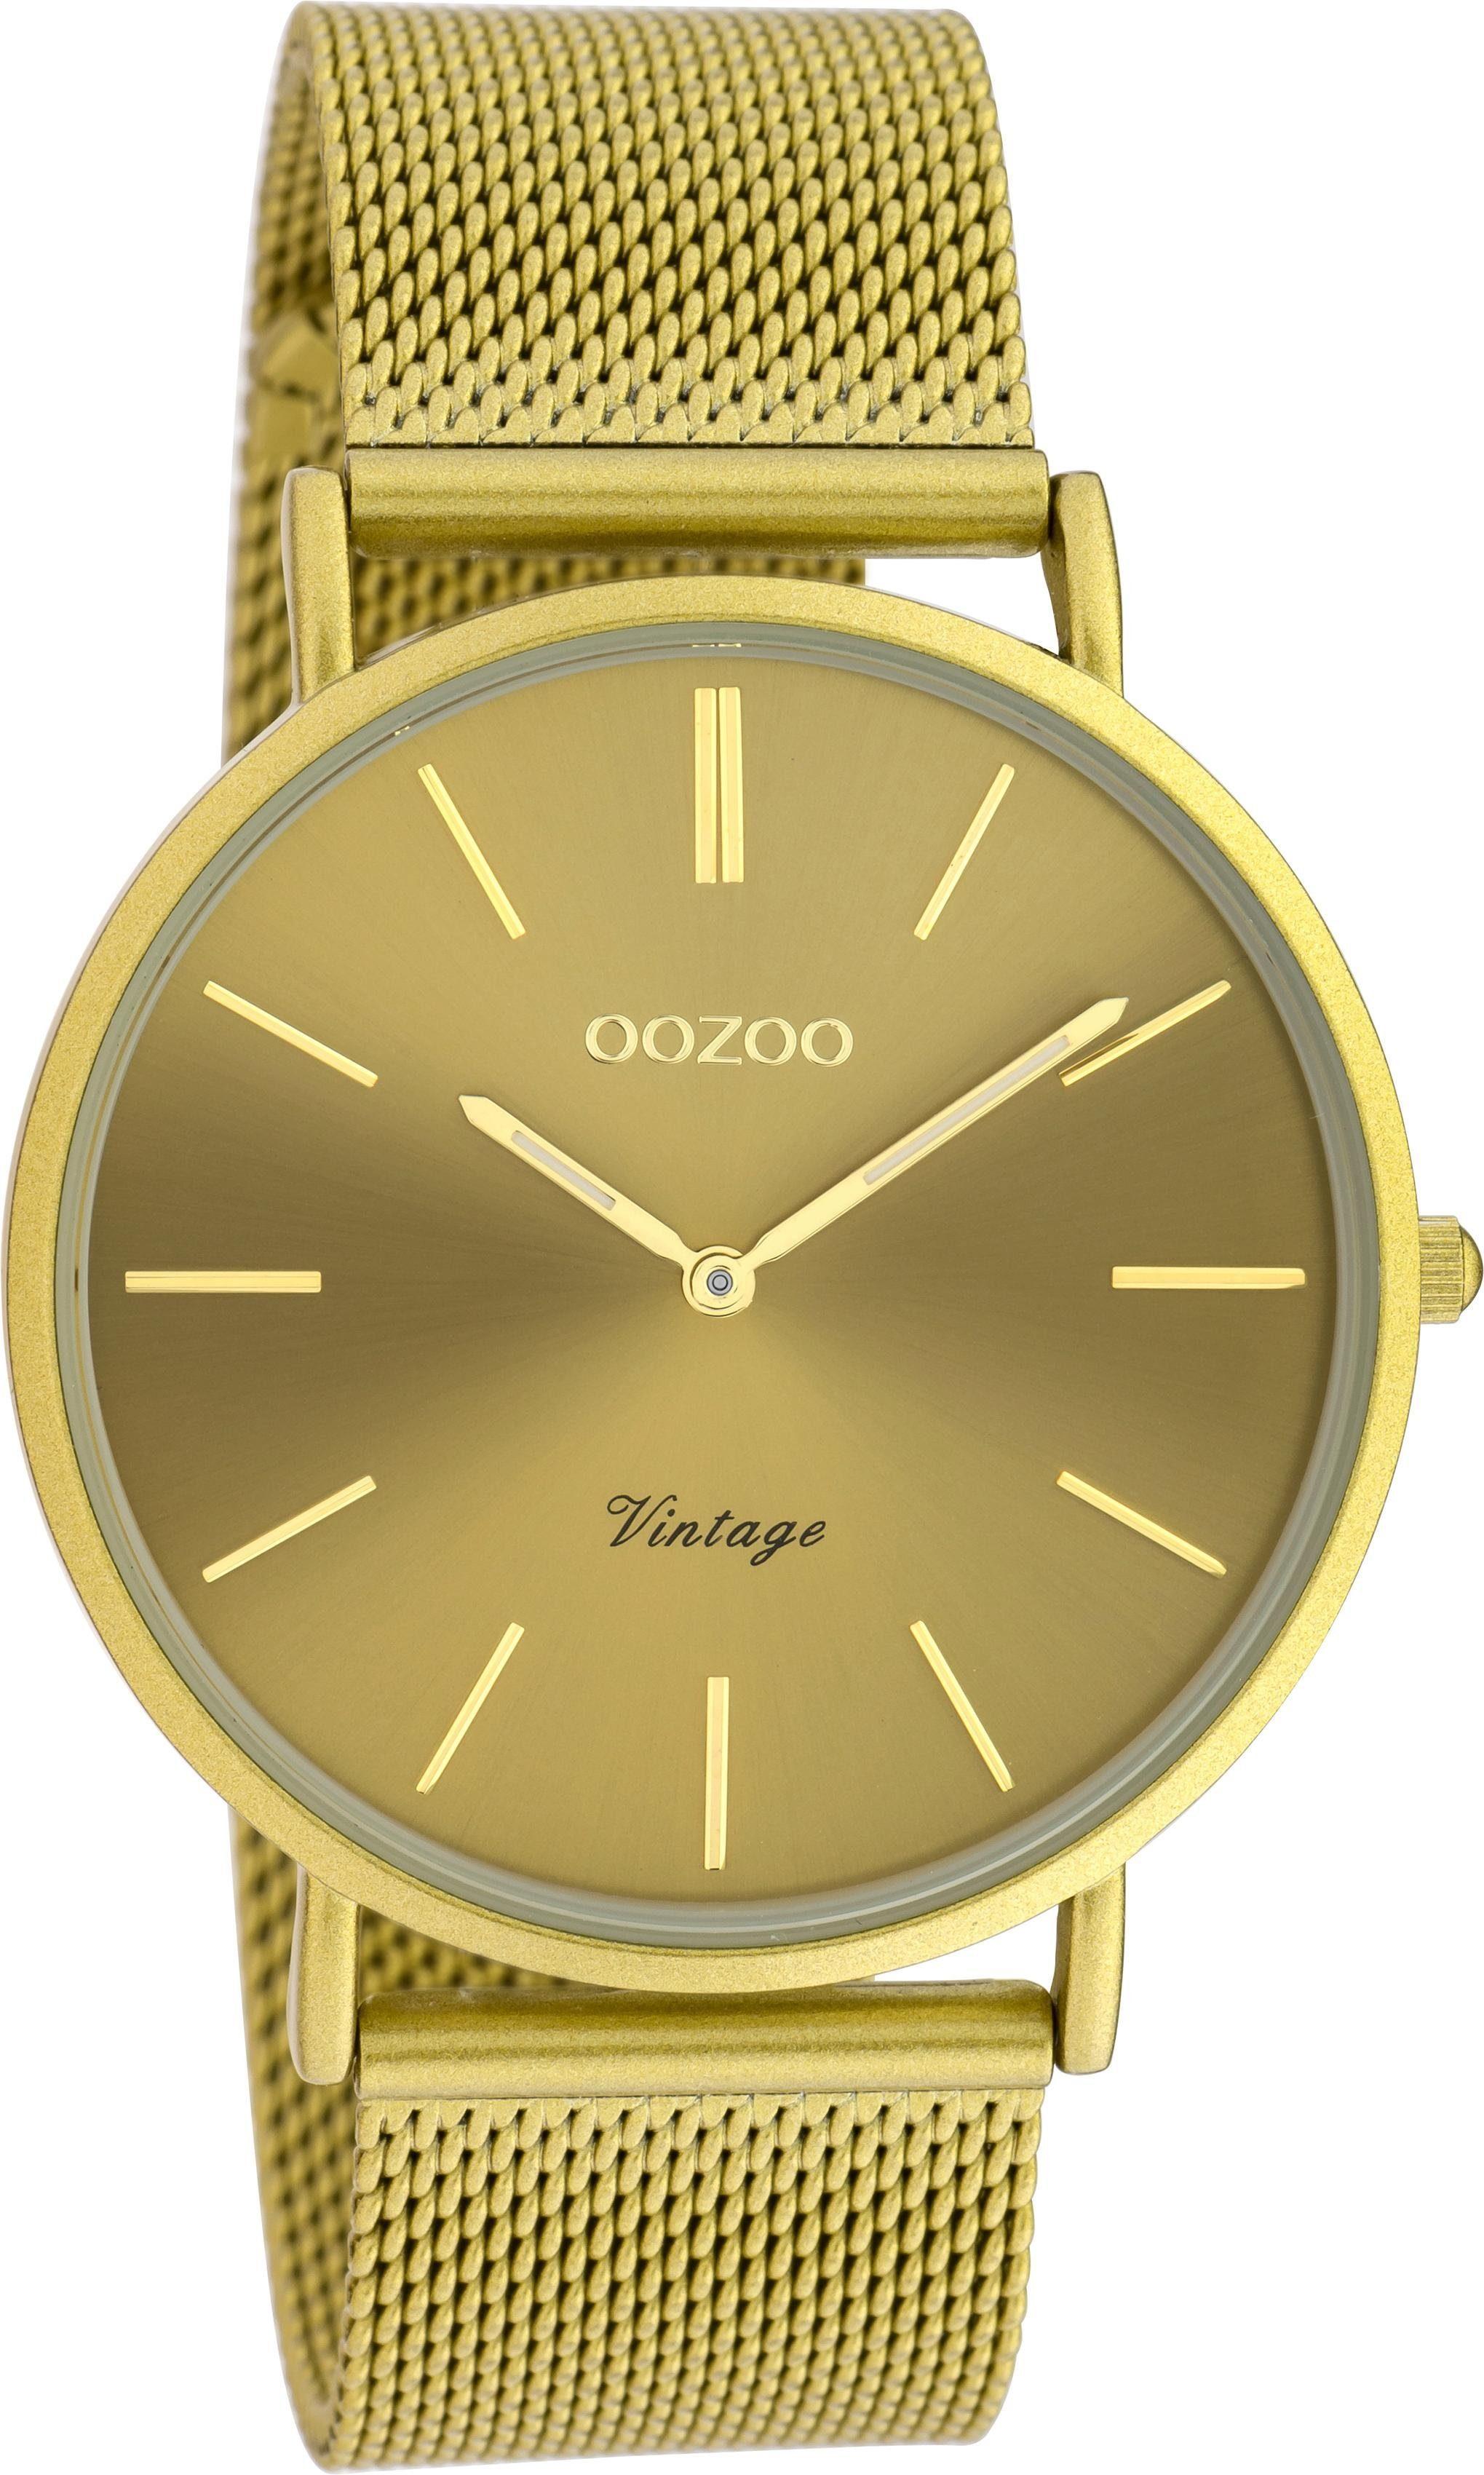 OOZOO Quarzuhr C20000 | Uhren > Quarzuhren | Gelb | Oozoo